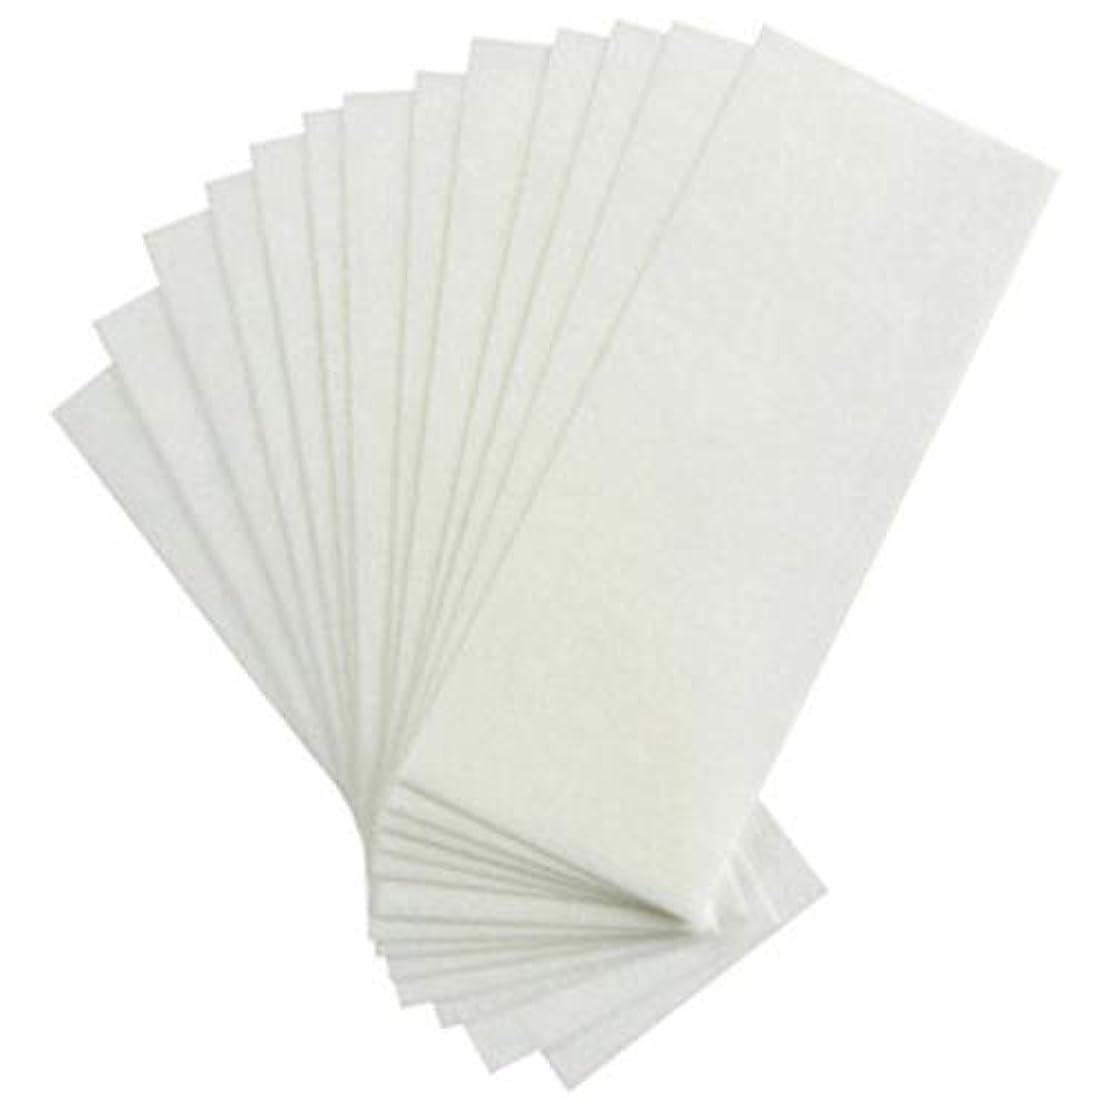 オデュッセウスメディアカフェテリア1st market 耐久性のある100ピース不織布ストリップ脱毛ワックスストリップフェイシャルボディ脱毛ワックスペーパー